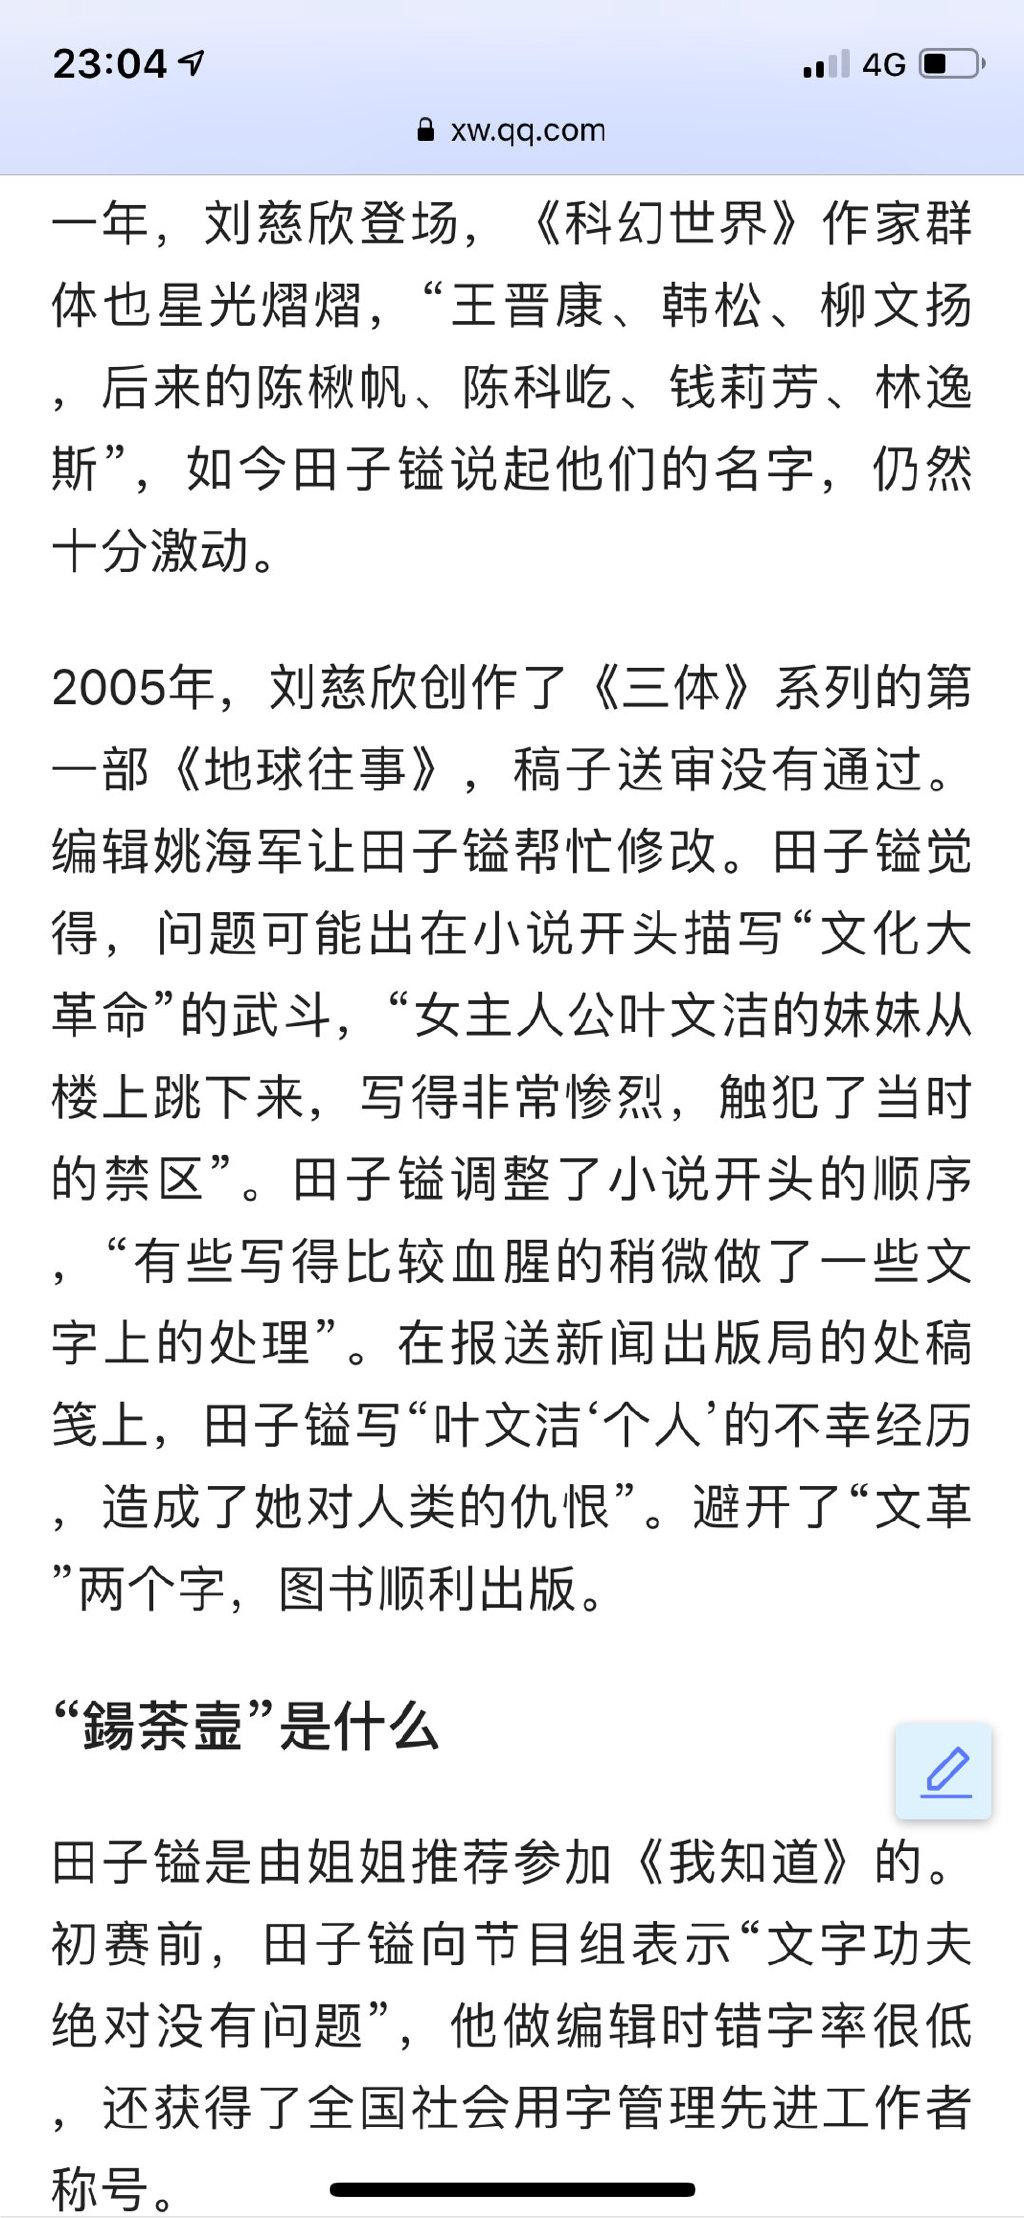 大刘真的好实在一个人,采访就是钢板一块,刀枪不入,还专注回怼打脸-前方高能